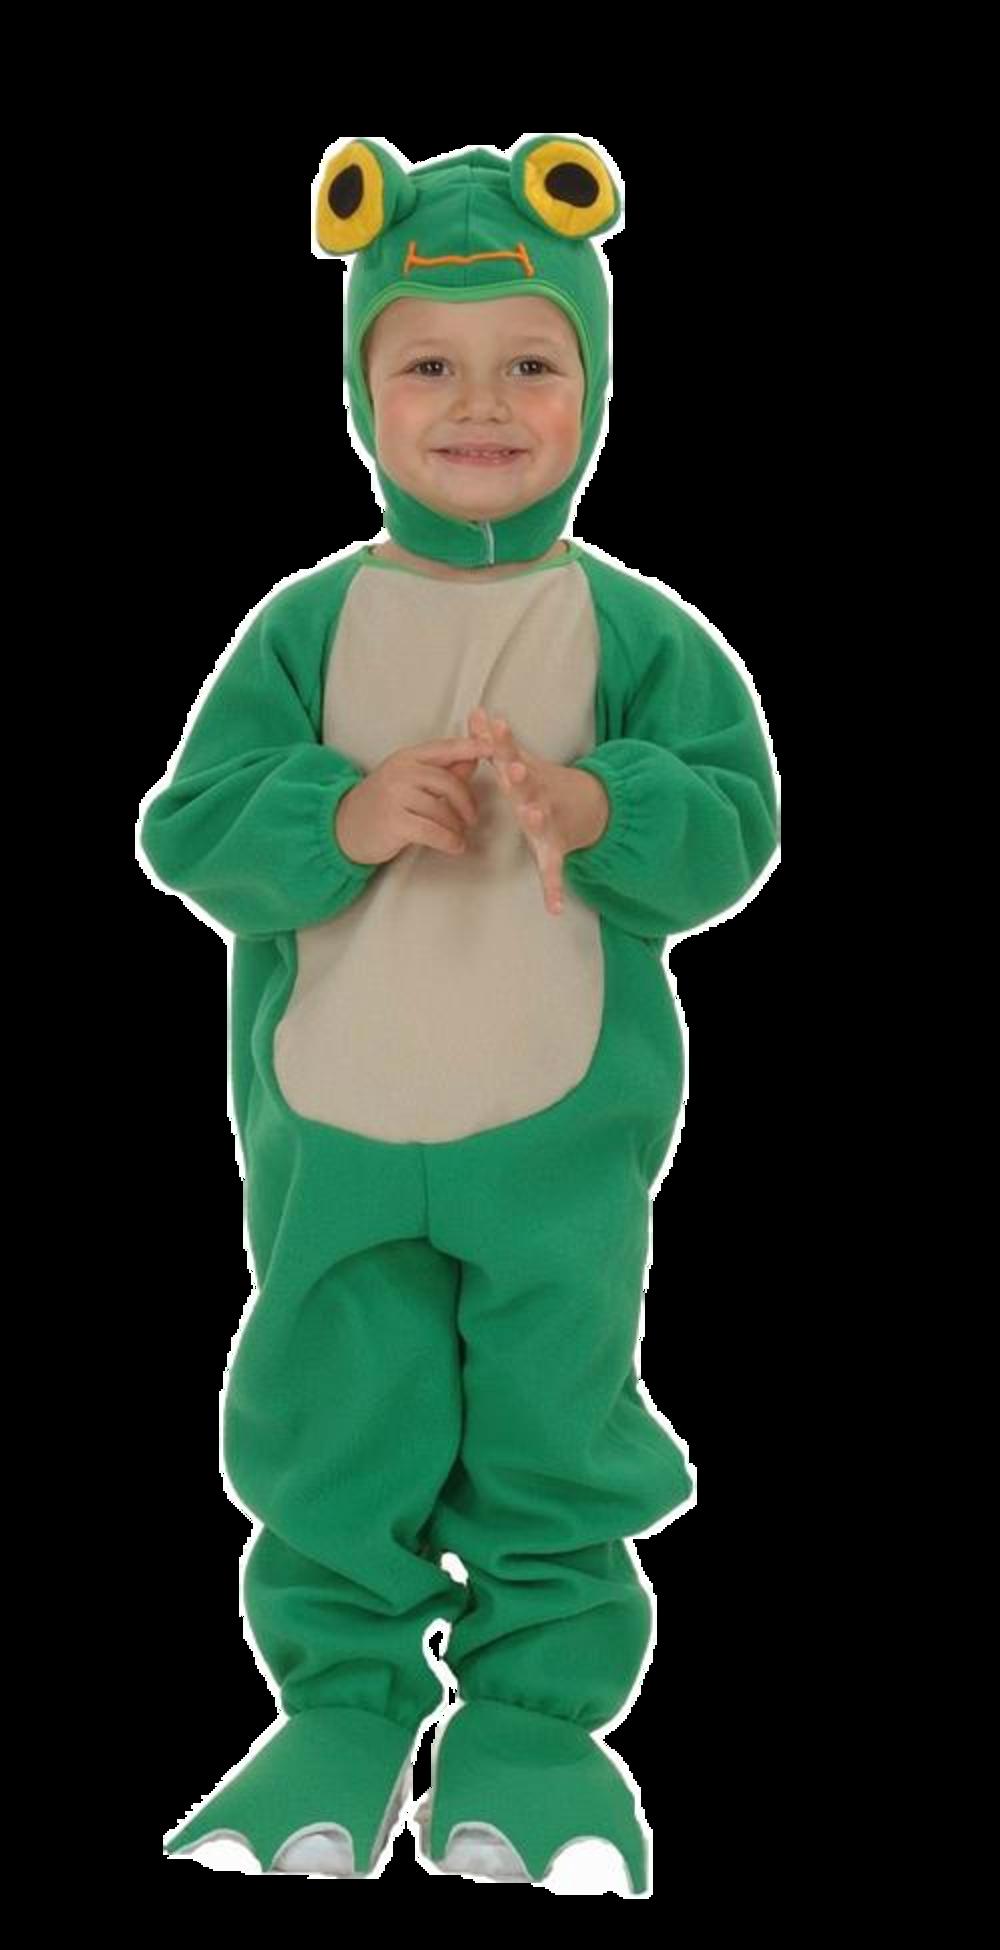 Kids Toddler Frog Costume  sc 1 st  Mega Fancy Dress & Kids Toddler Frog Costume | Girlu0027s World Book Day Fancy Dress ...